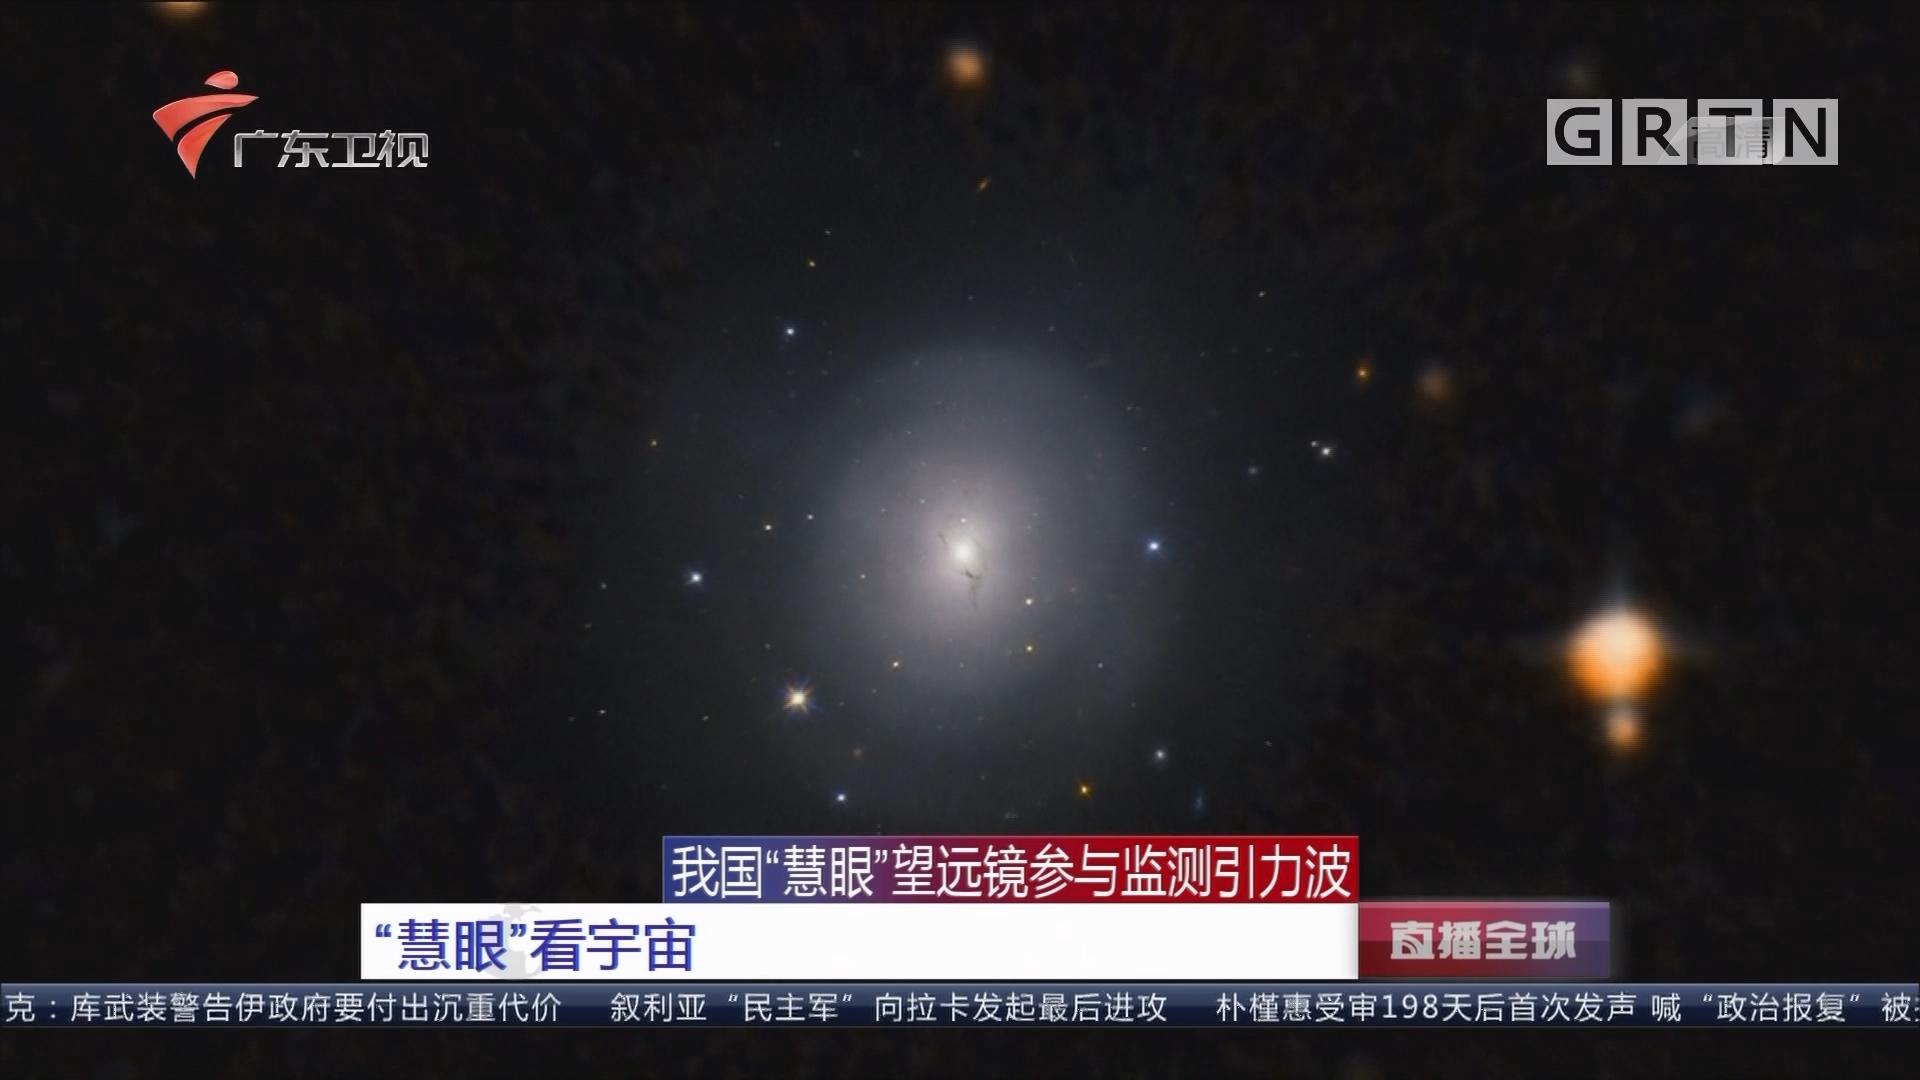 """我国""""慧眼""""望远镜参与监测引力波:""""慧眼""""看宇宙"""